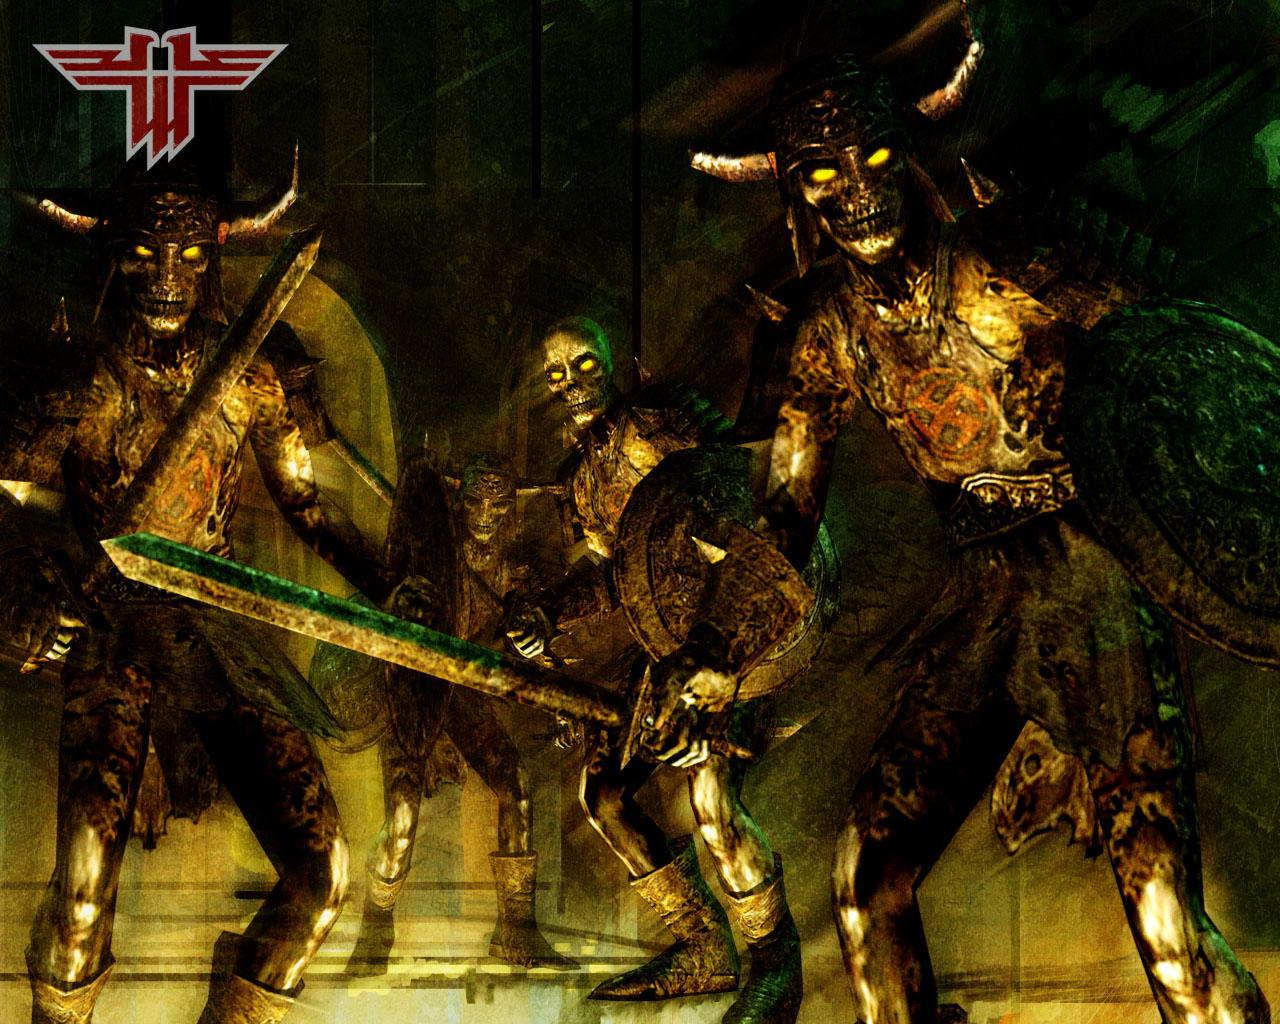 [Jeu vidéo] Votre Jeu vidéo du moment préféré ou/et TOP 10 ? - Page 8 Undead-legions-return-to-castle-wolfenstein